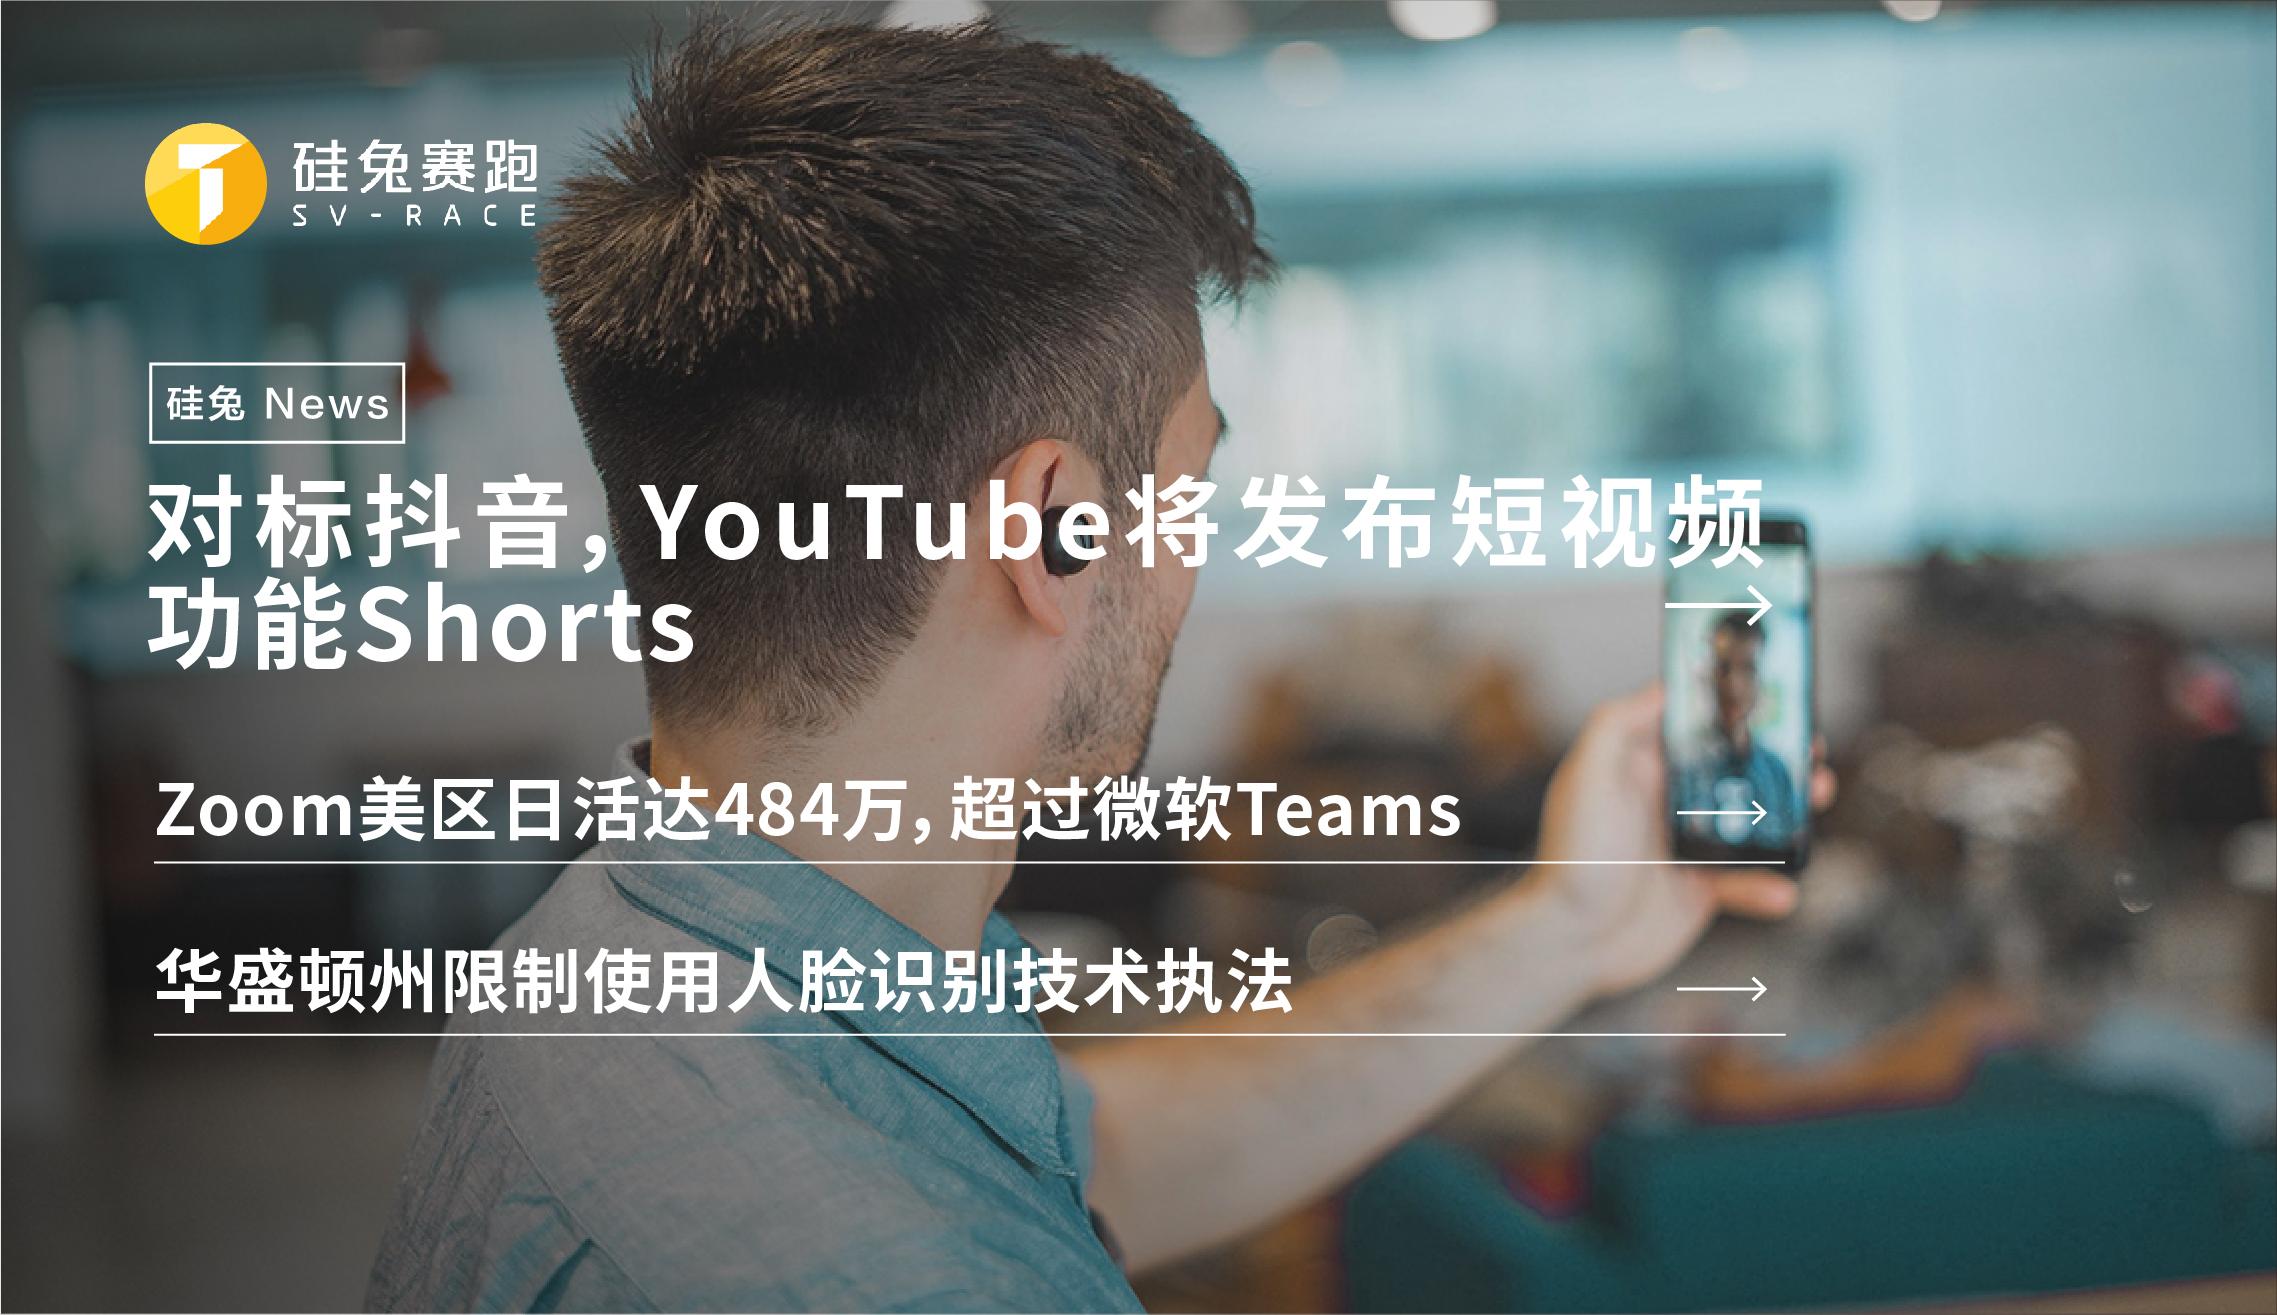 原创             对标抖音,YouTube将发布短视频功能Shorts